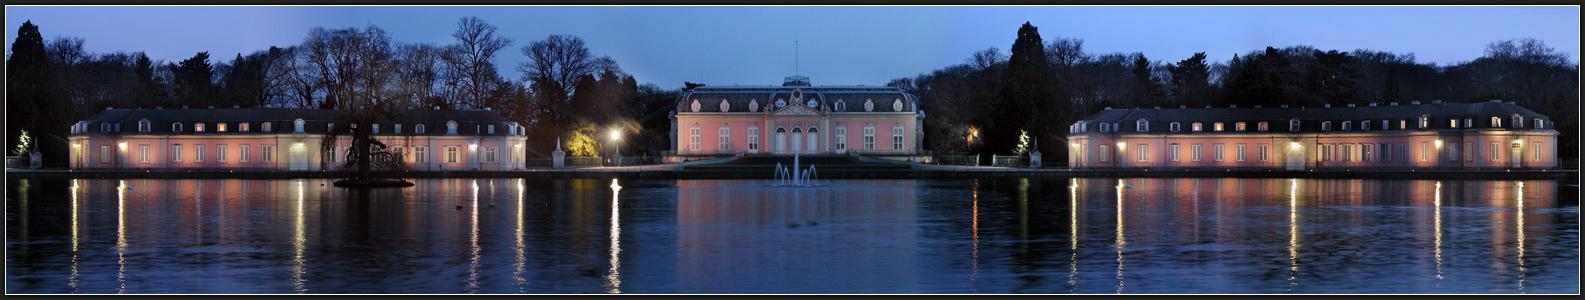 Benrather Schloss in Düsseldorf